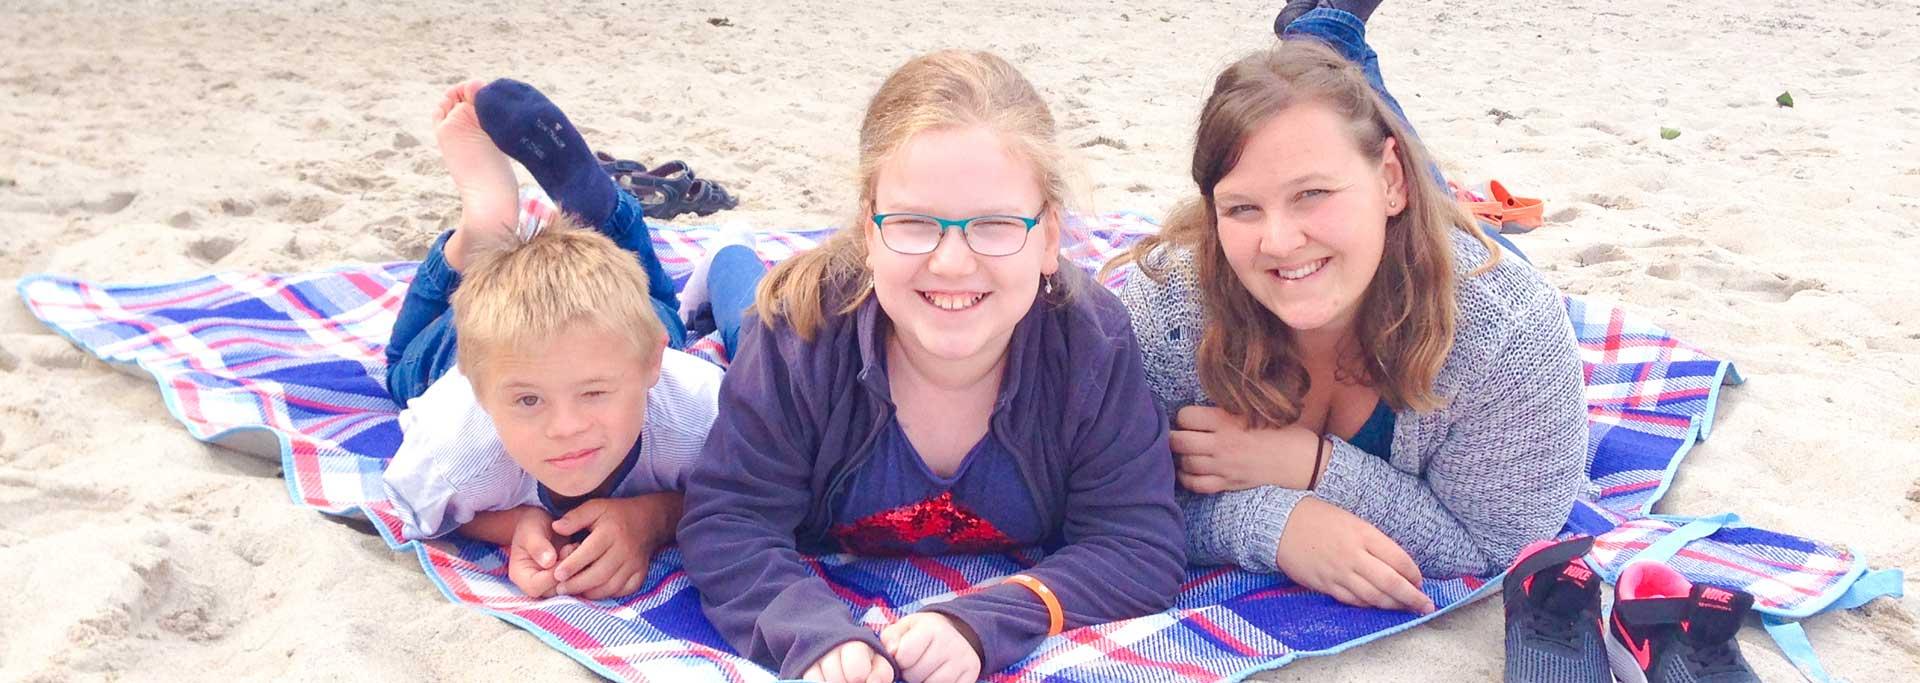 Reisen für Behinderte - Kinderreise an die Ostsee